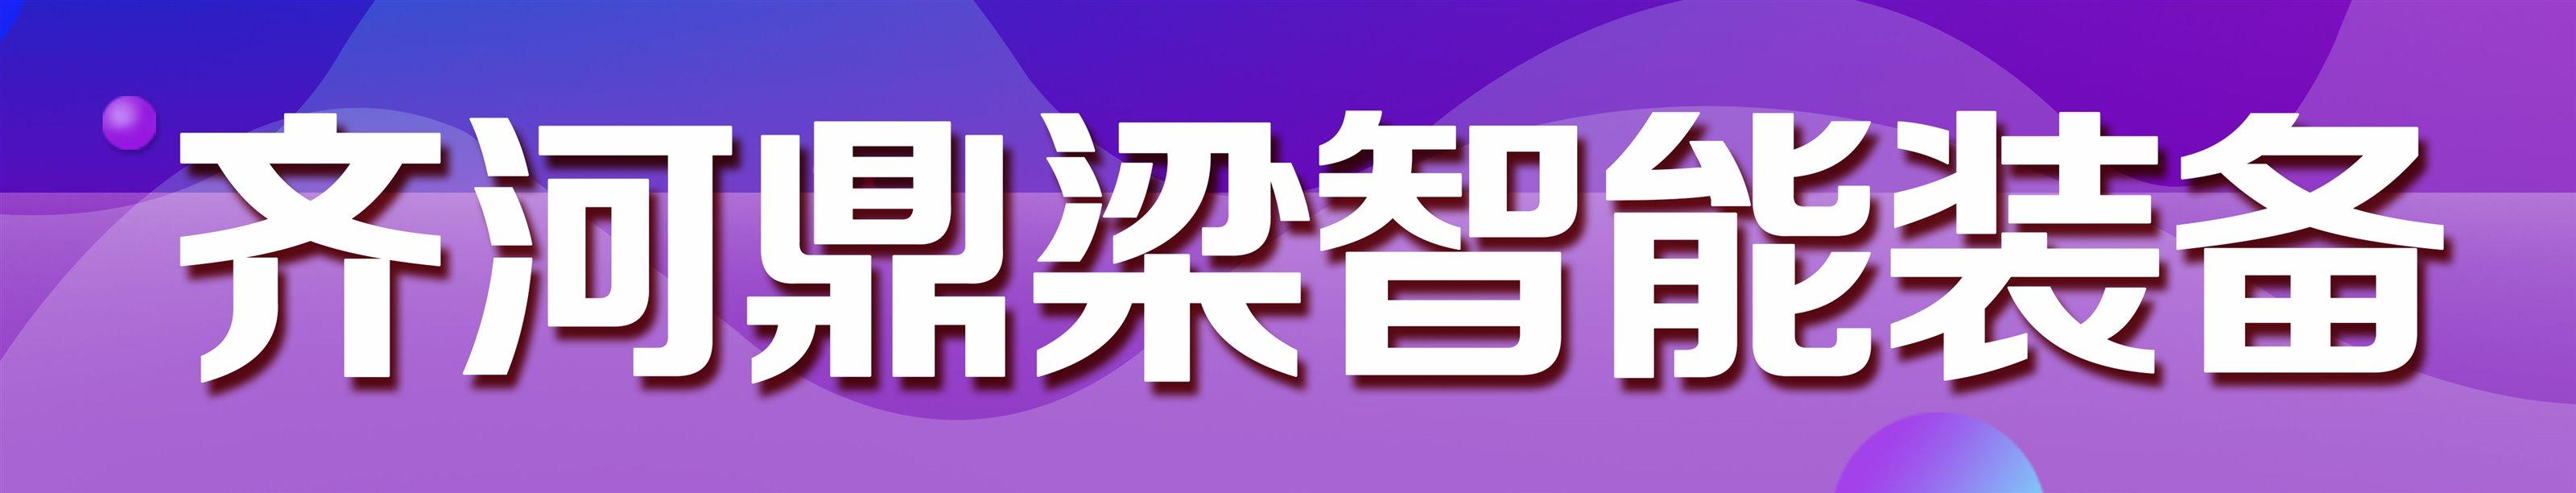 齐河鼎梁智能装备有限公司